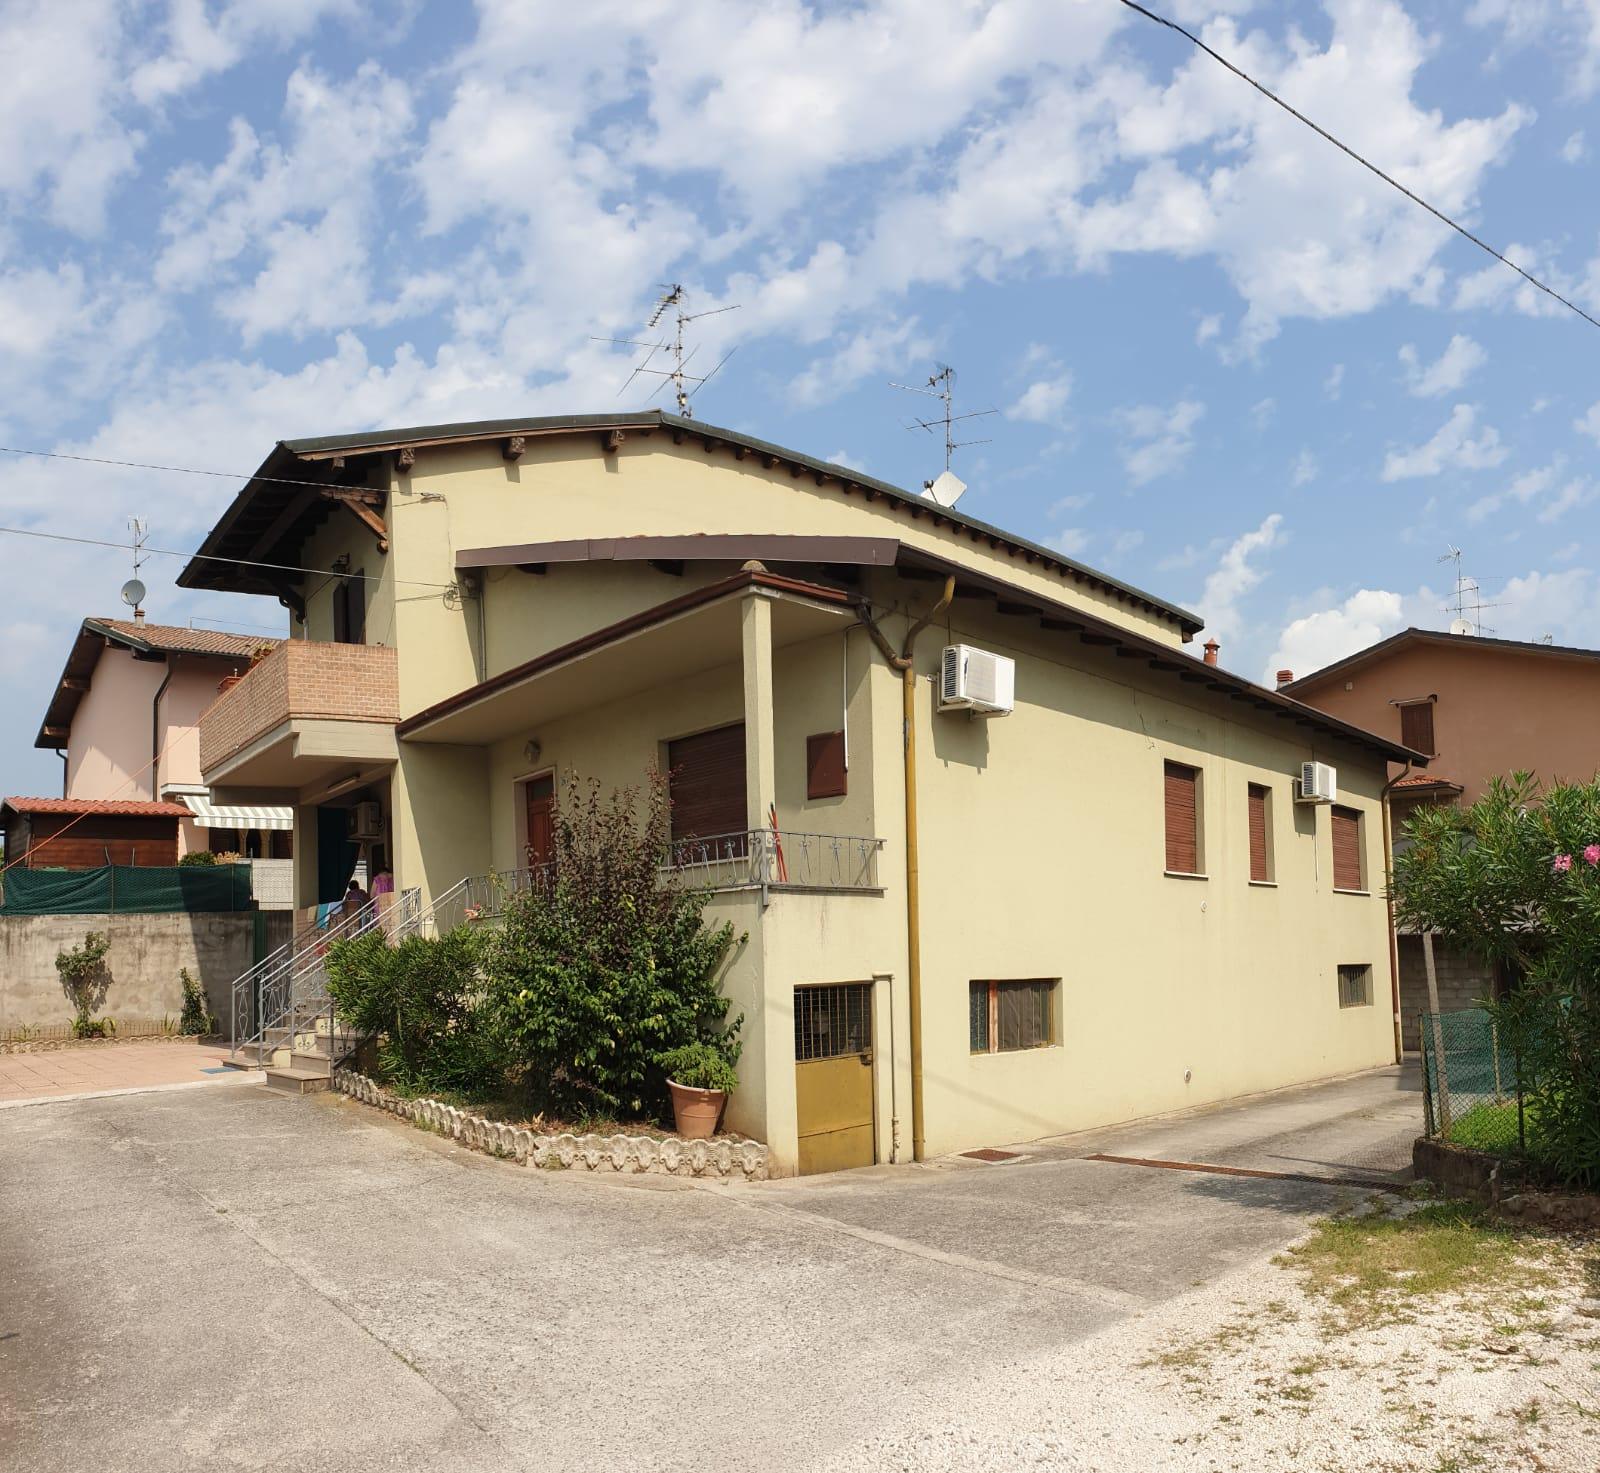 Villa Bifamiliare in vendita a Castegnato, 58 locali, prezzo € 128.000 | PortaleAgenzieImmobiliari.it